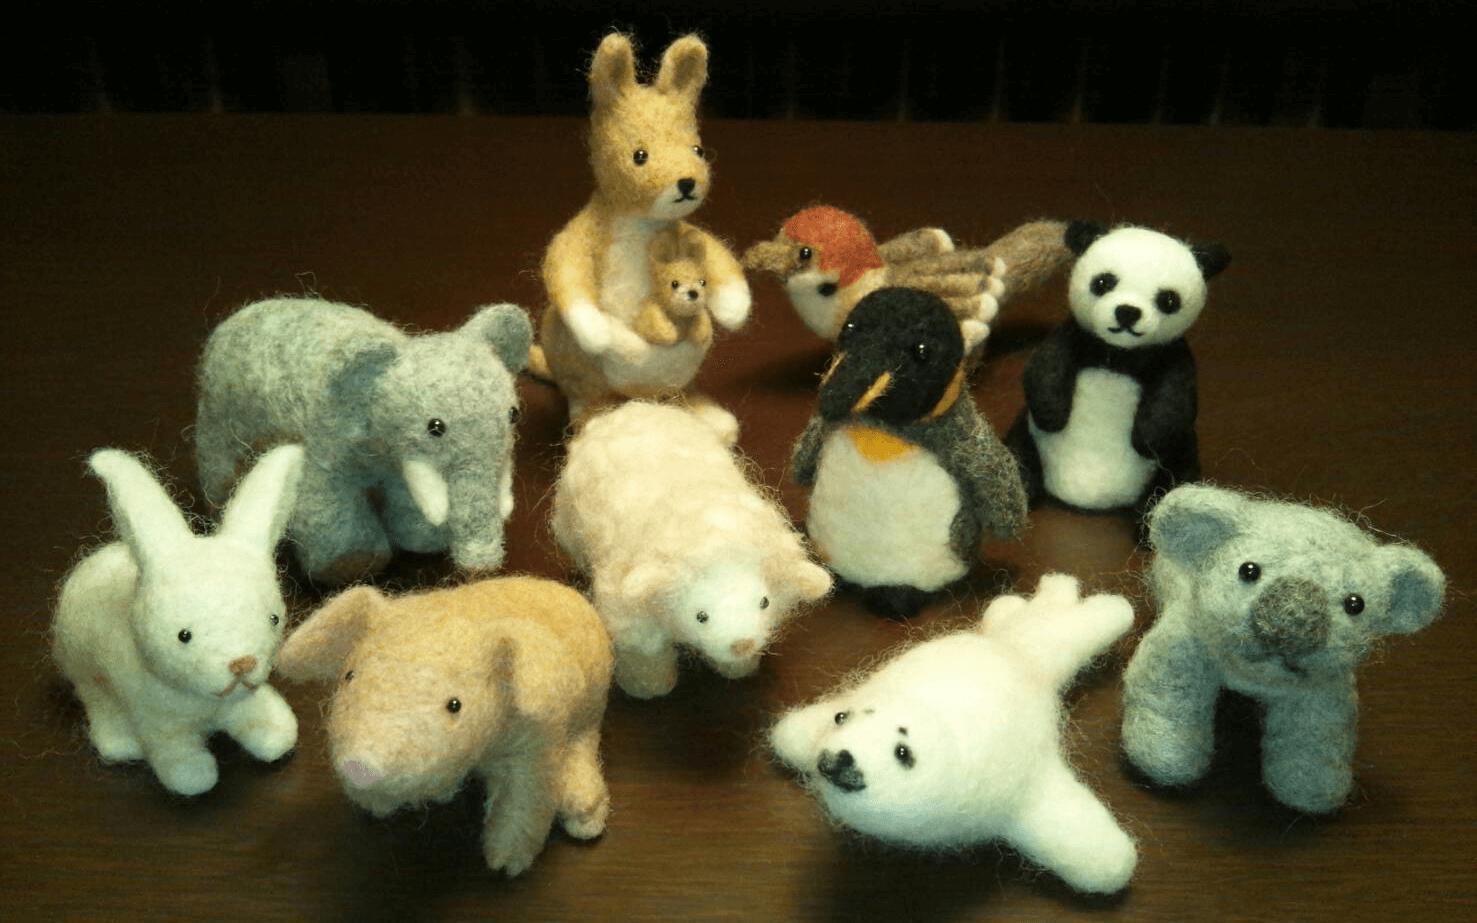 羊毛フェルトの柴犬がまるで本物みたい!?かわいい作品やスターターキットなどもご紹介!